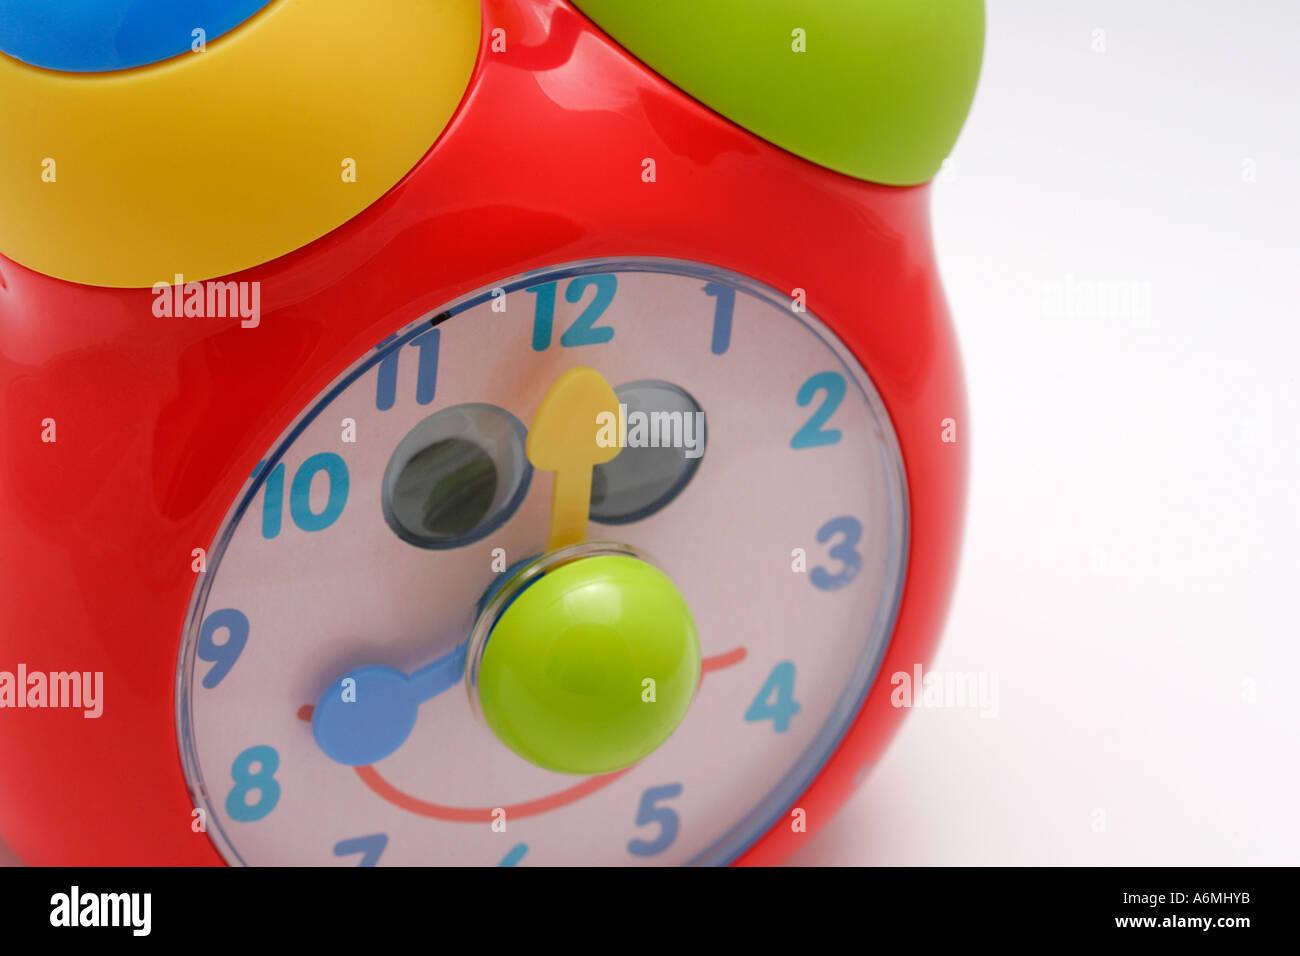 Horloge Jouet En Plastique Couleurs Couleurs Enfants Enfance Jeu D